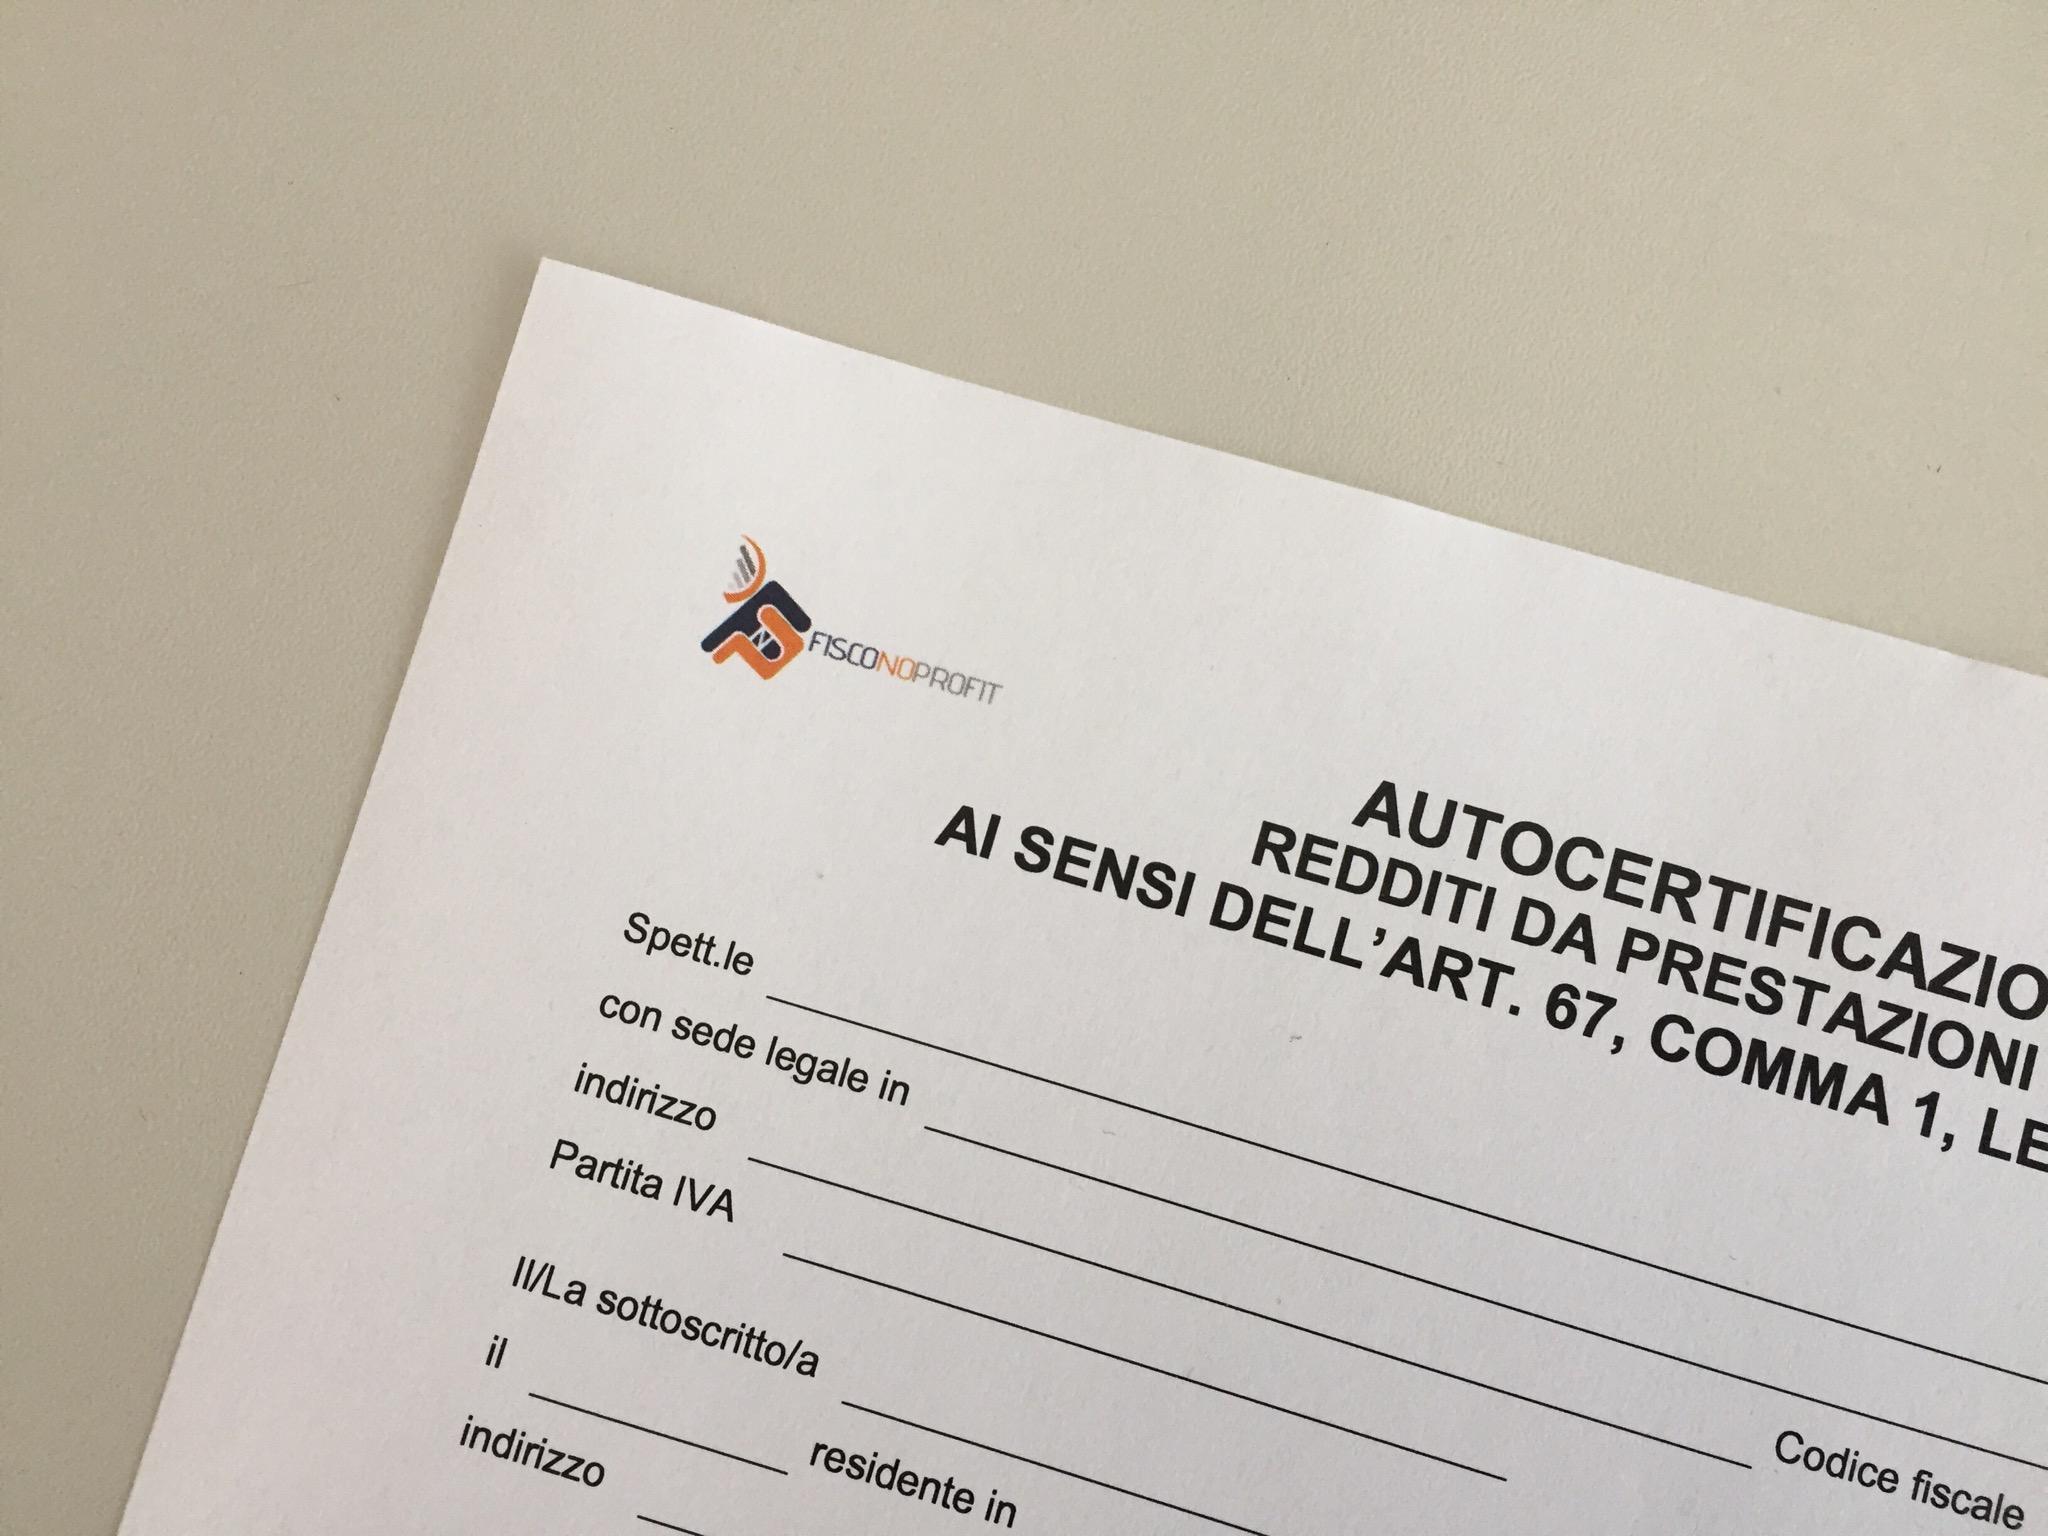 autocertificazione_compensi_sport